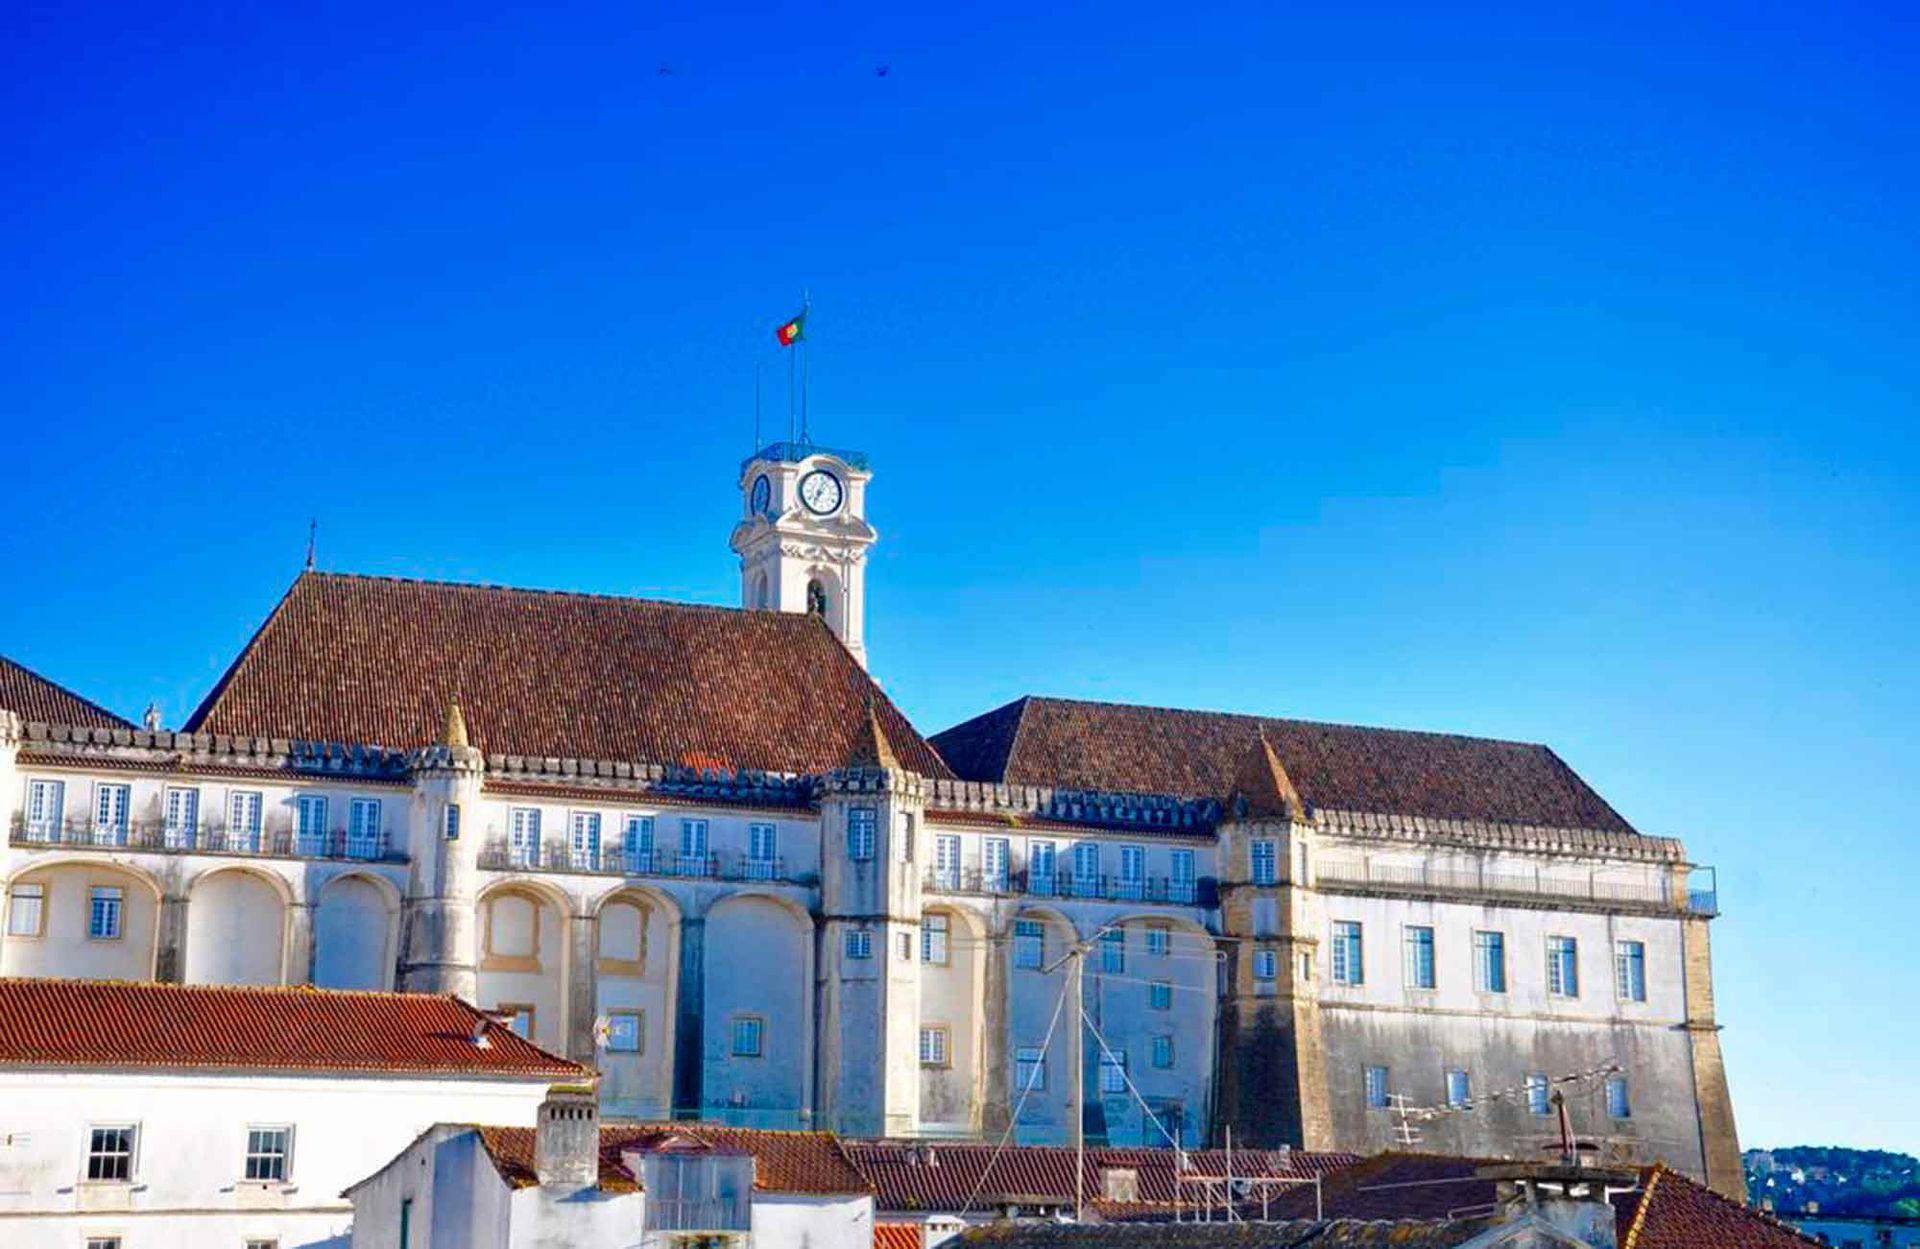 El exterior de la Universidad de Coimbra donde se encuentra la Biblioteca Joanina.